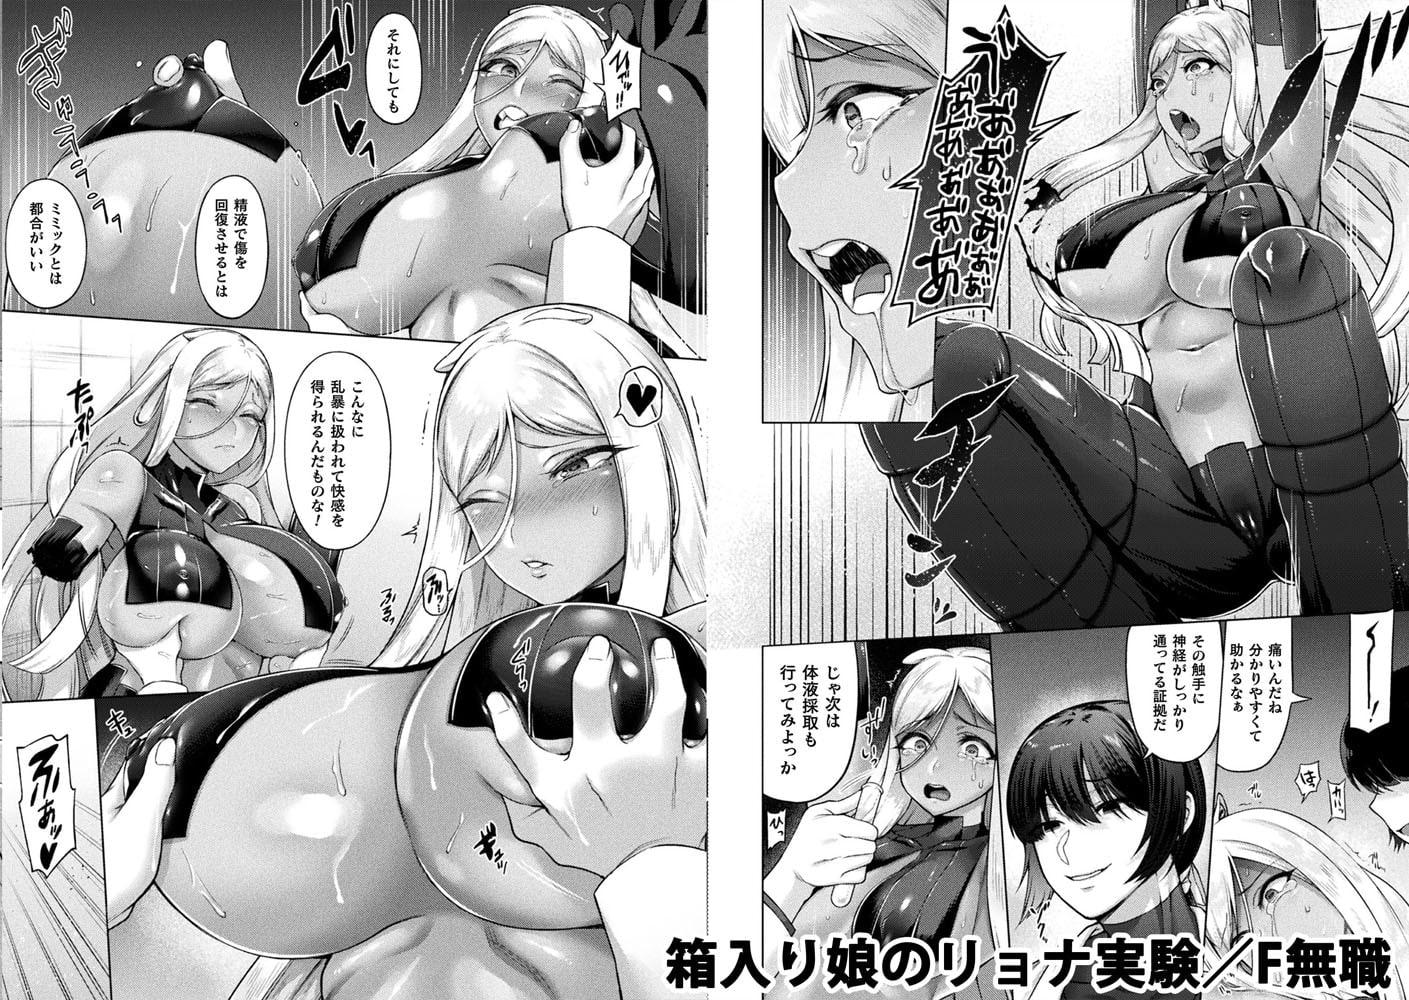 別冊コミックアンリアル 亜人娘をボコ殴りH Vol.1~2パック